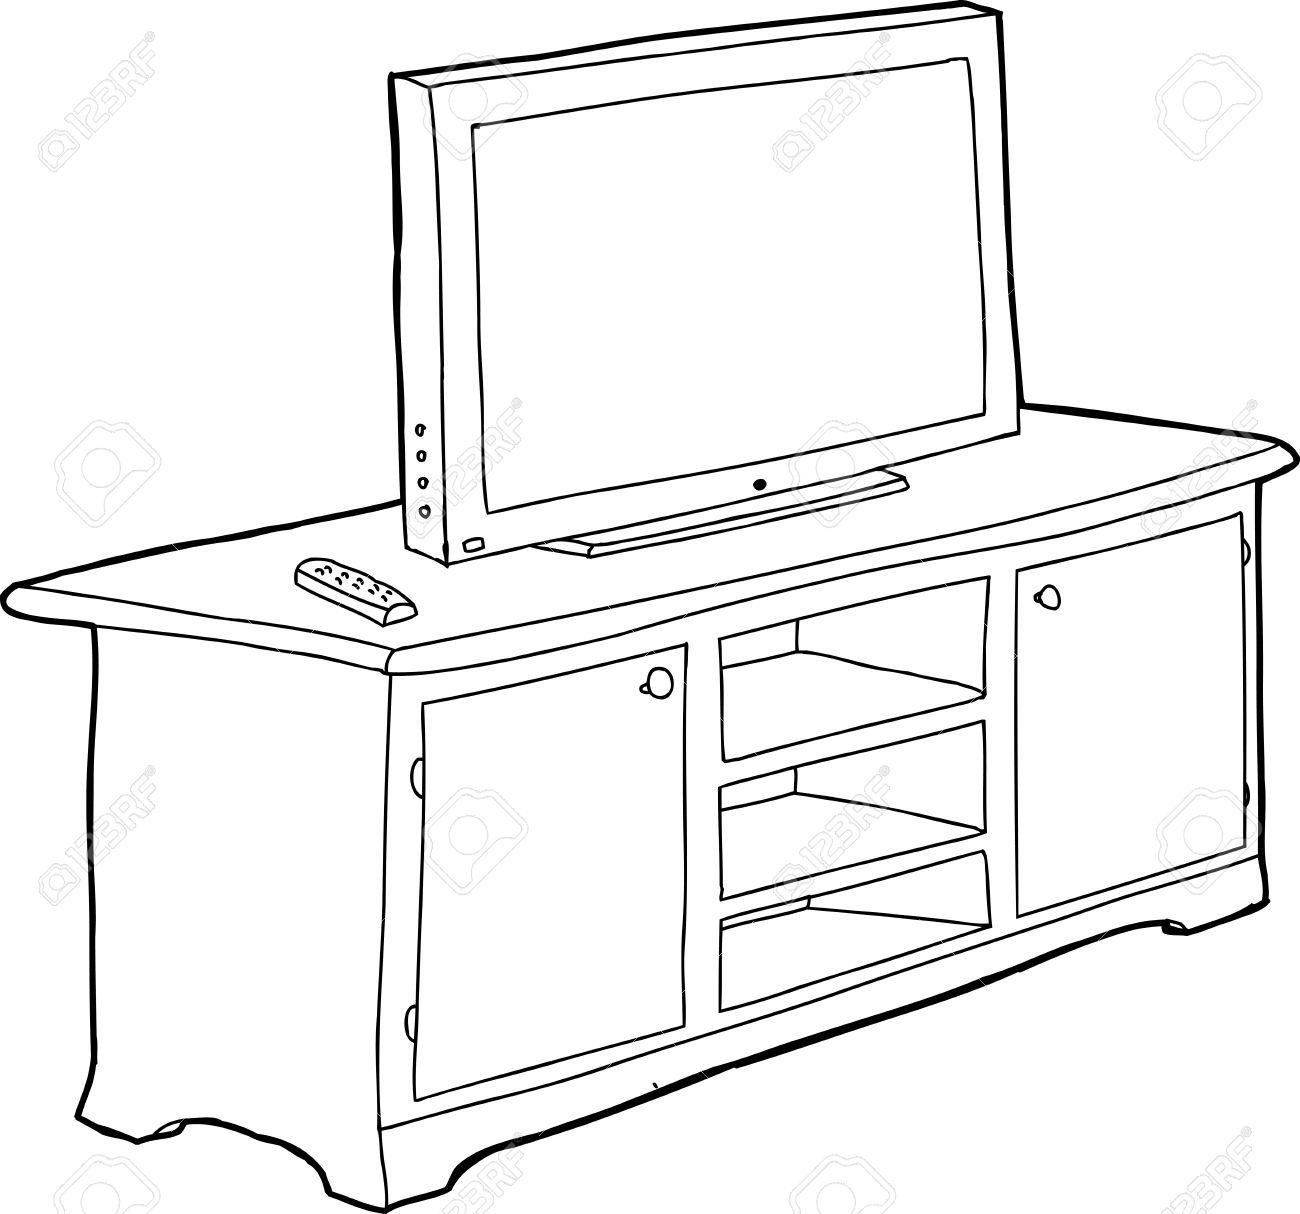 Armoire Dessin télévision dessin animé contour noir situé sur l'armoire clip art